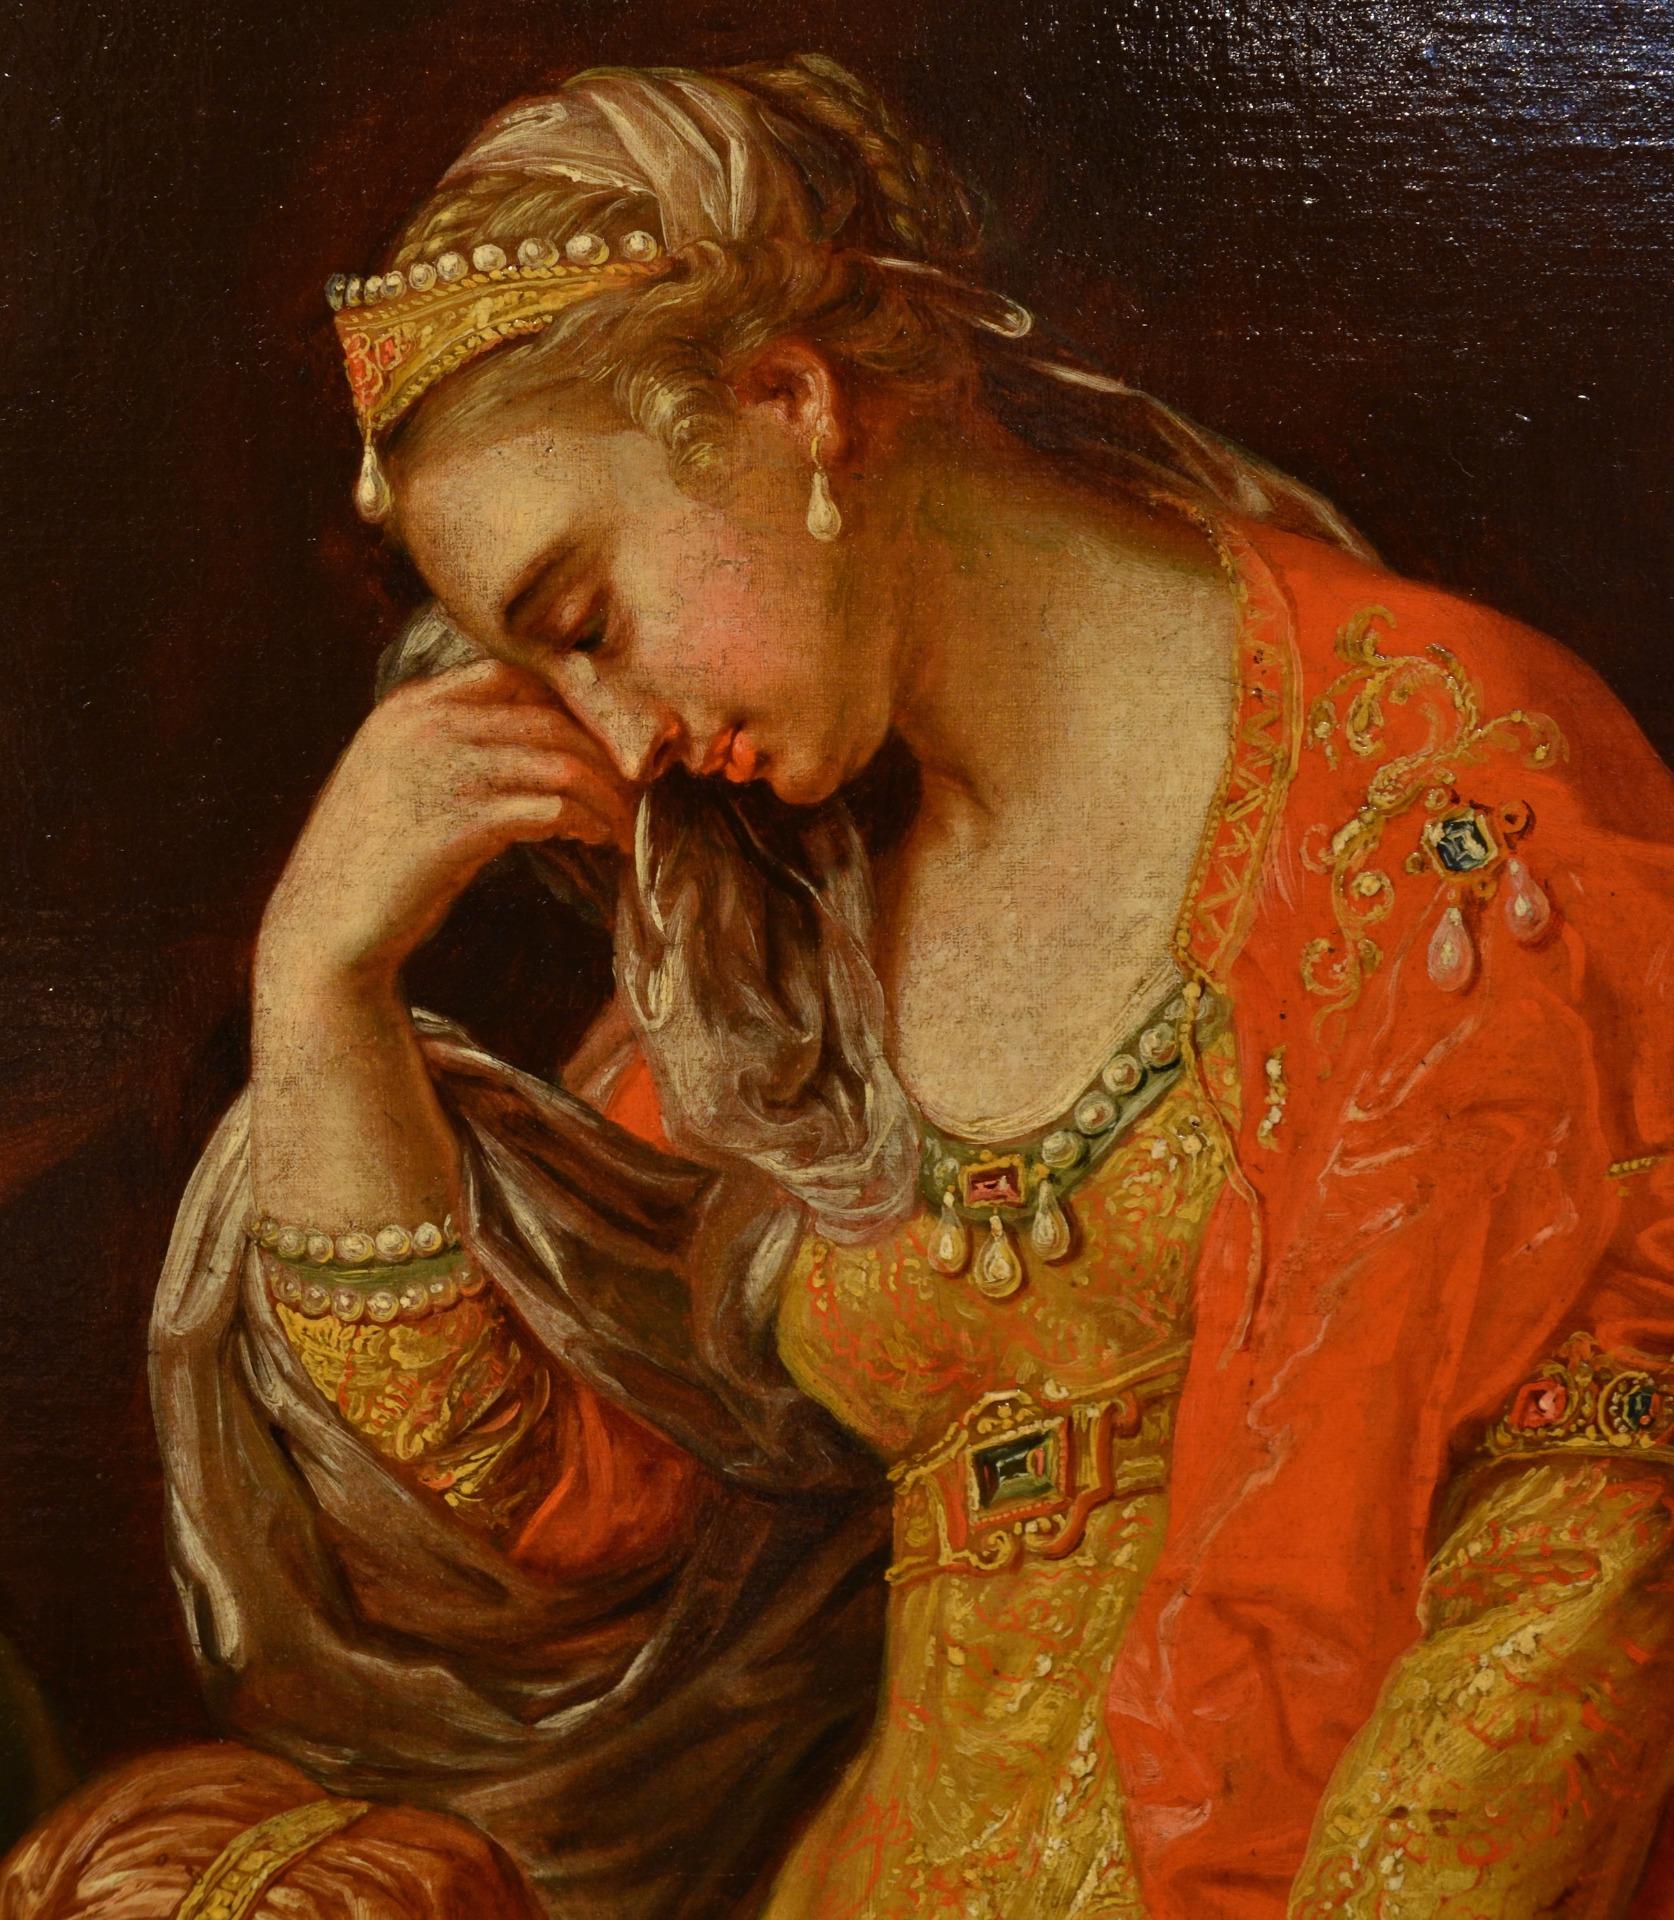 thumb9|Alessandro Magno visita la famiglia di Dario, Pompeo Girolamo Batoni (Lucca 1708 – Roma 1787) e bottega (VENDUTO)